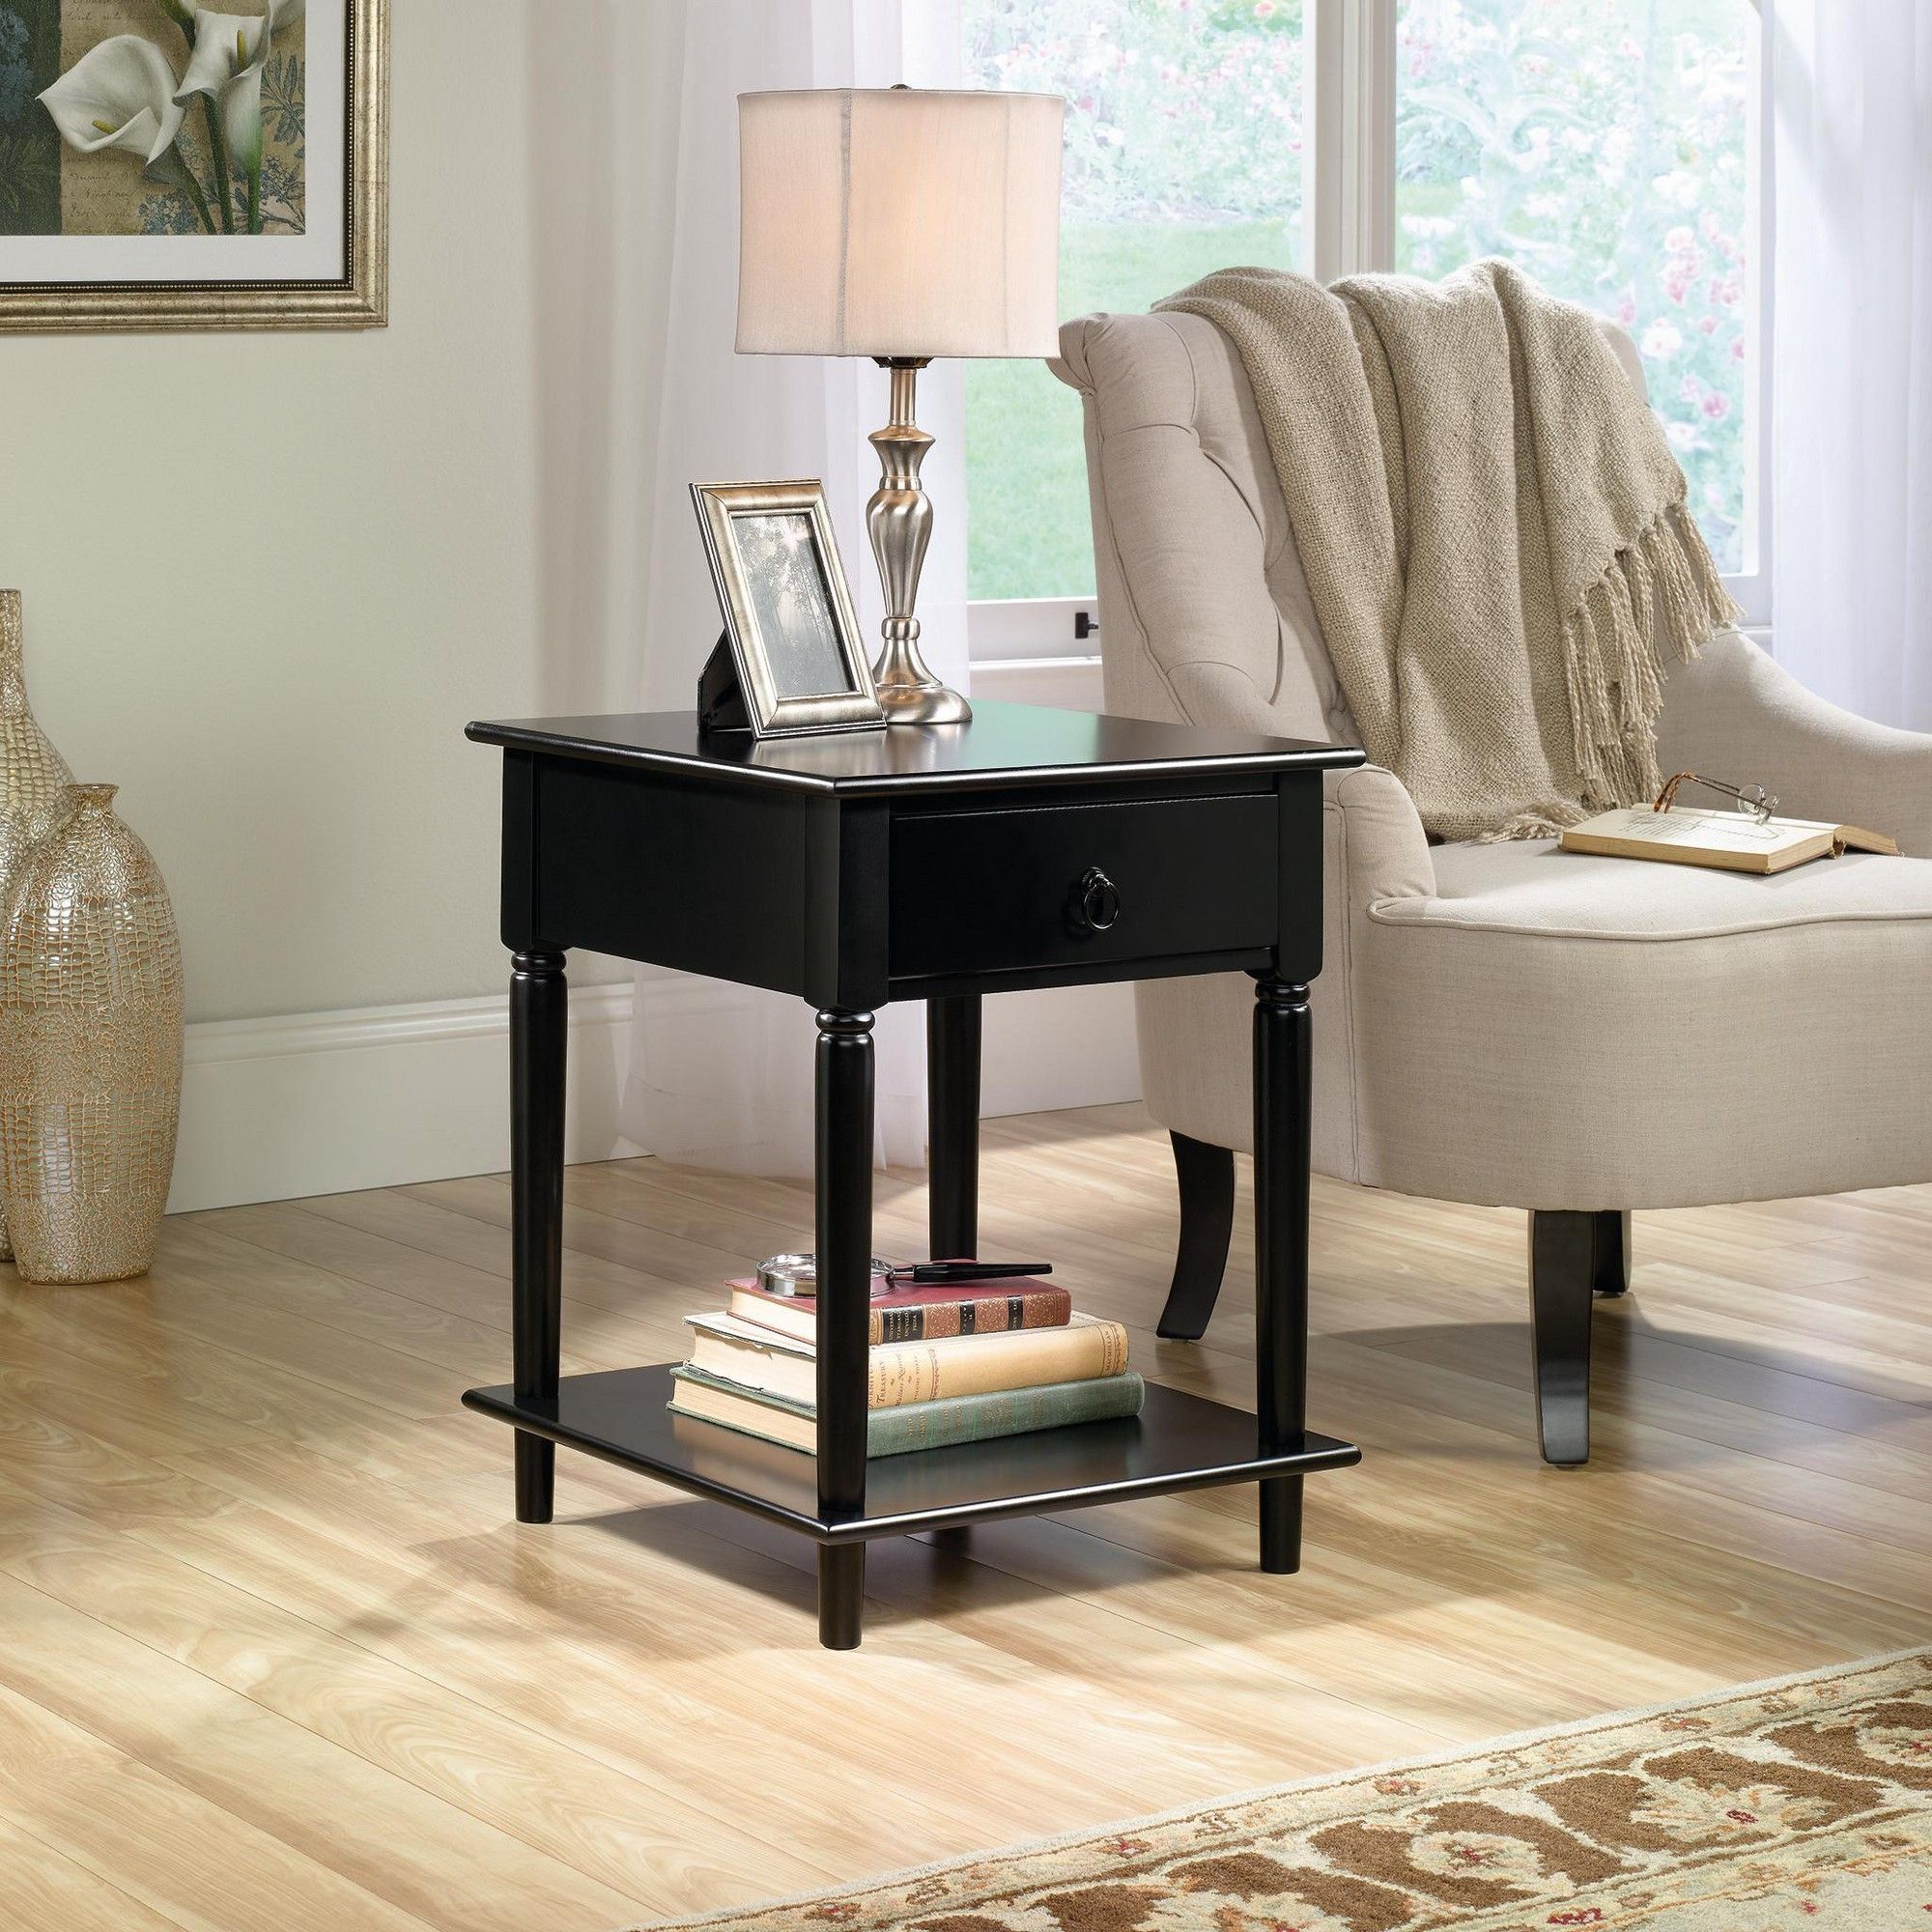 Palladia Side Table Black Sauder, Adult Unisex Black